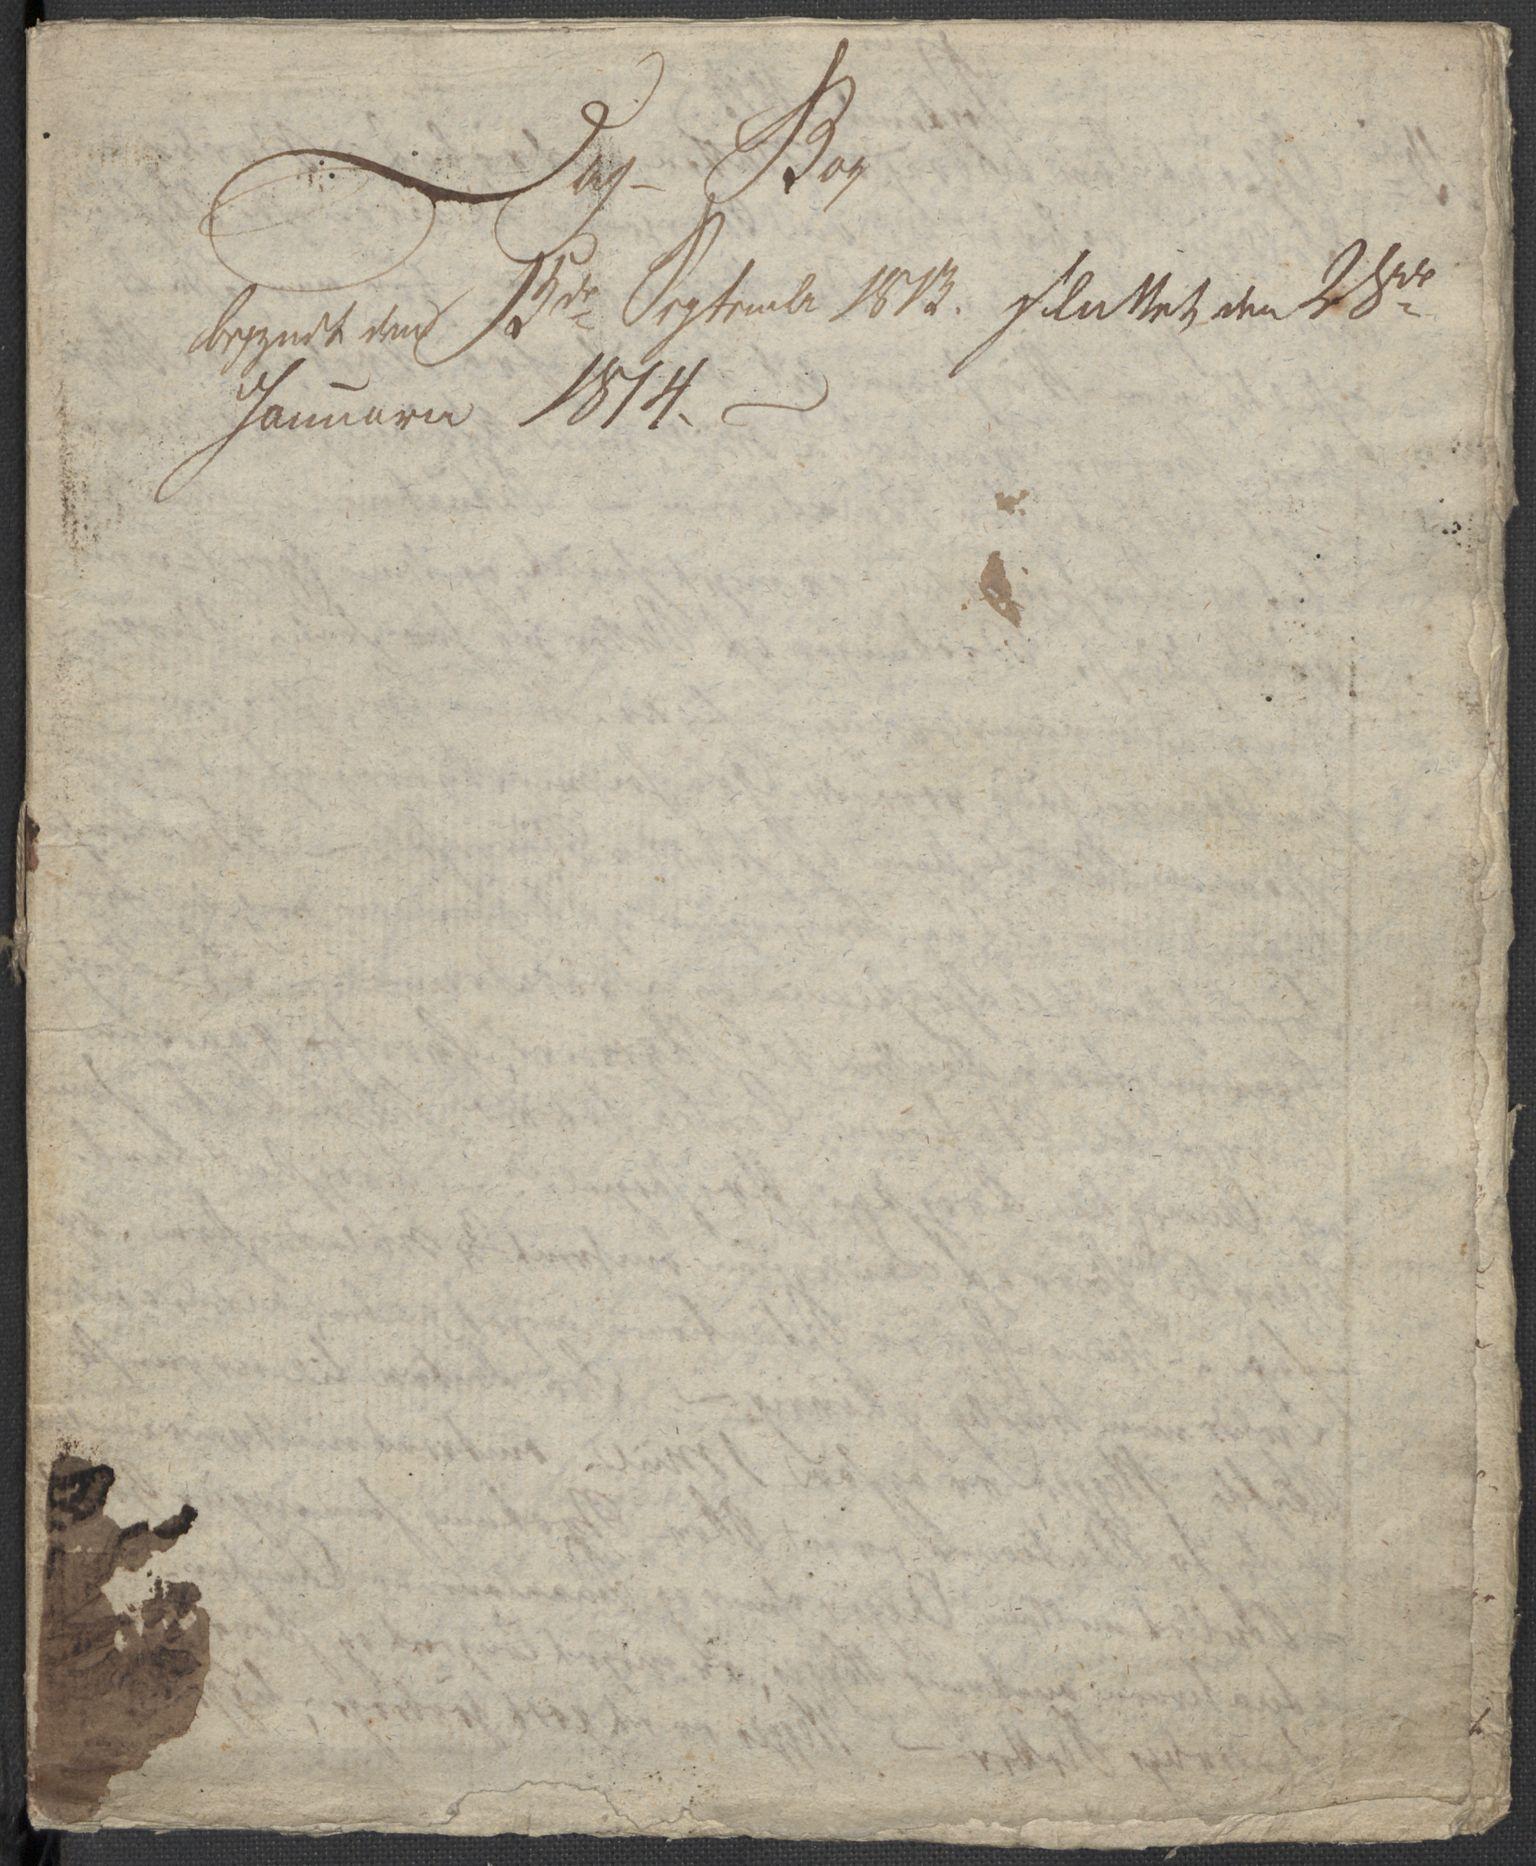 RA, Holck, Meidell, Hartvig, F/L0001: (Kassett) Dagbøker ført av Ole Elias v.Holck, 1798-1842, s. 336